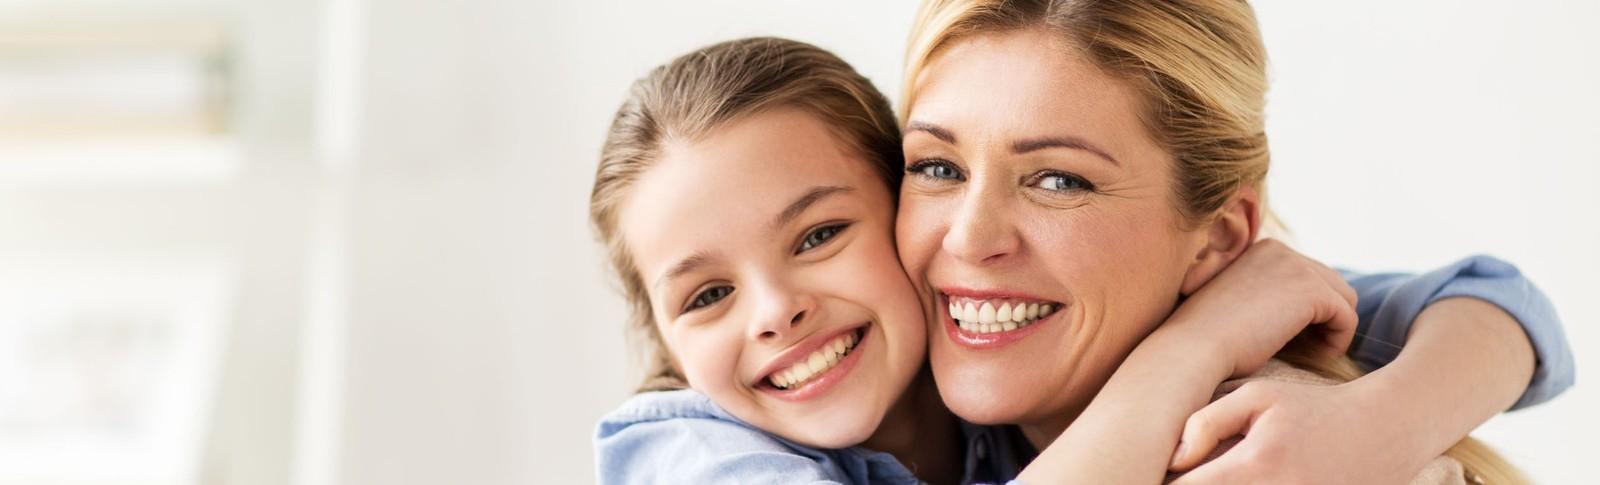 Mutter und Tochter freuen sich über die erfolgreiche Bauchstraffung nach Schwangerschaft in den Moser Kliniken